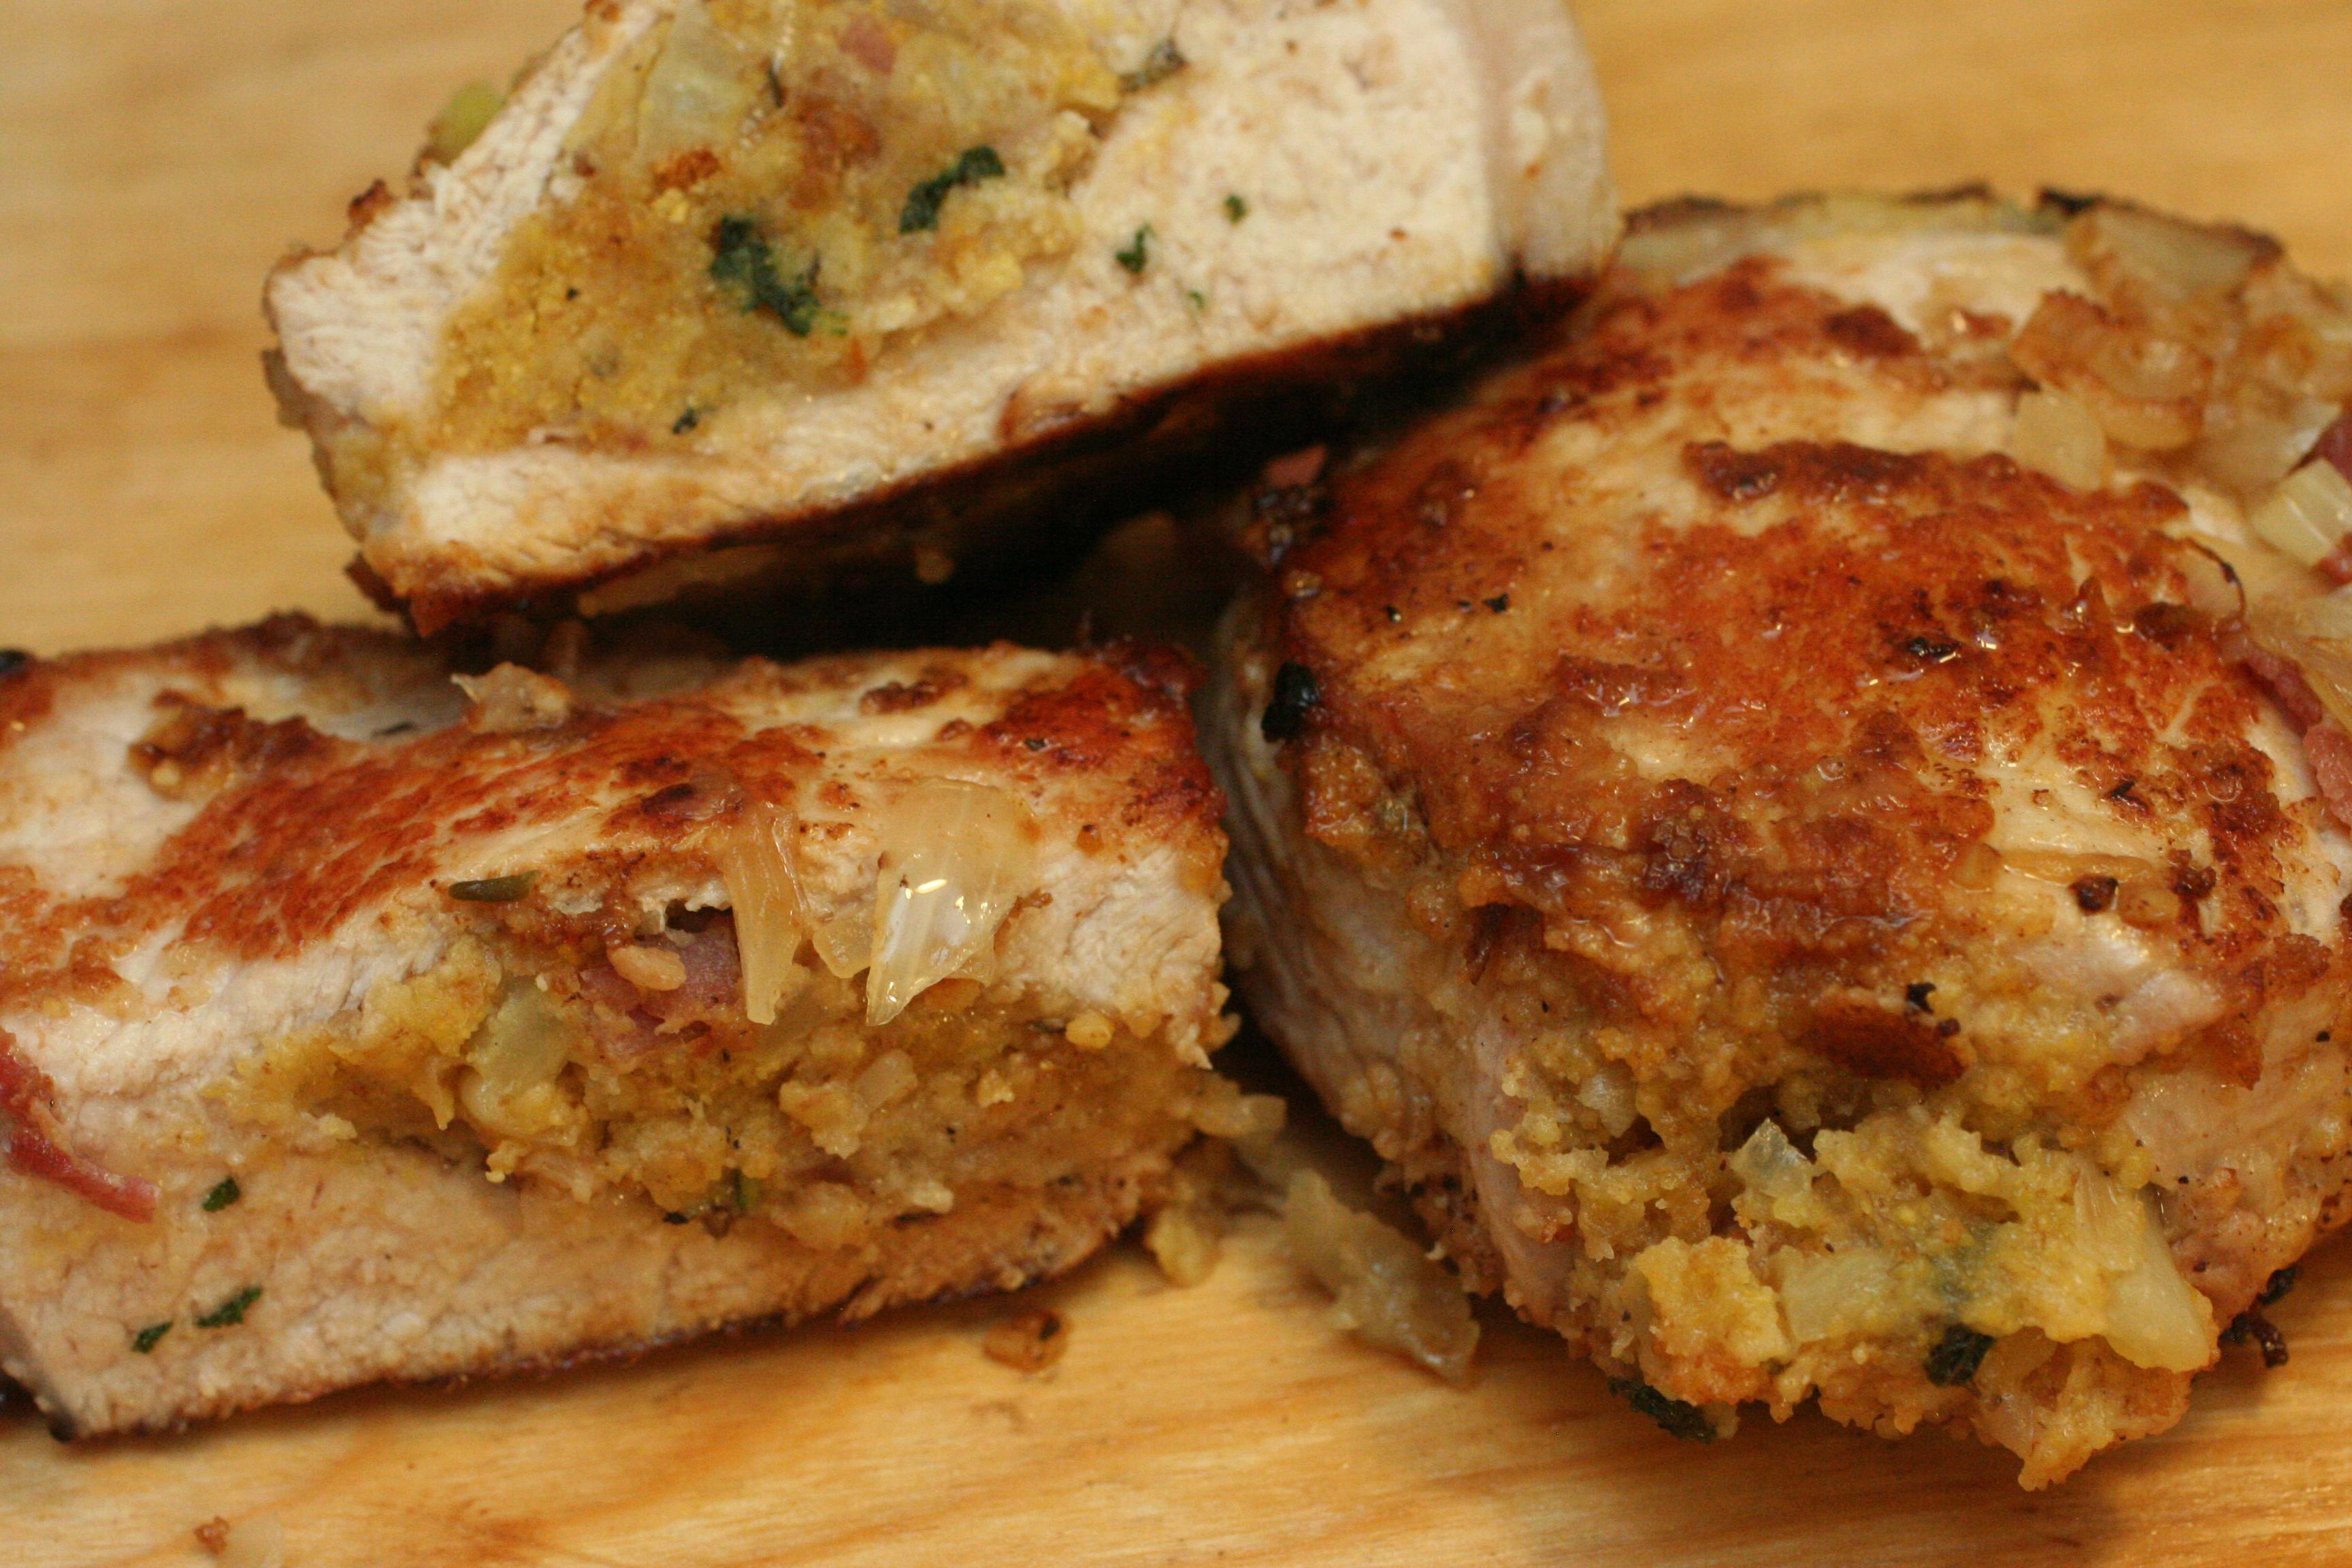 pork chops i stuffed pork chops iii recipe stuffed pork chops recipe ...